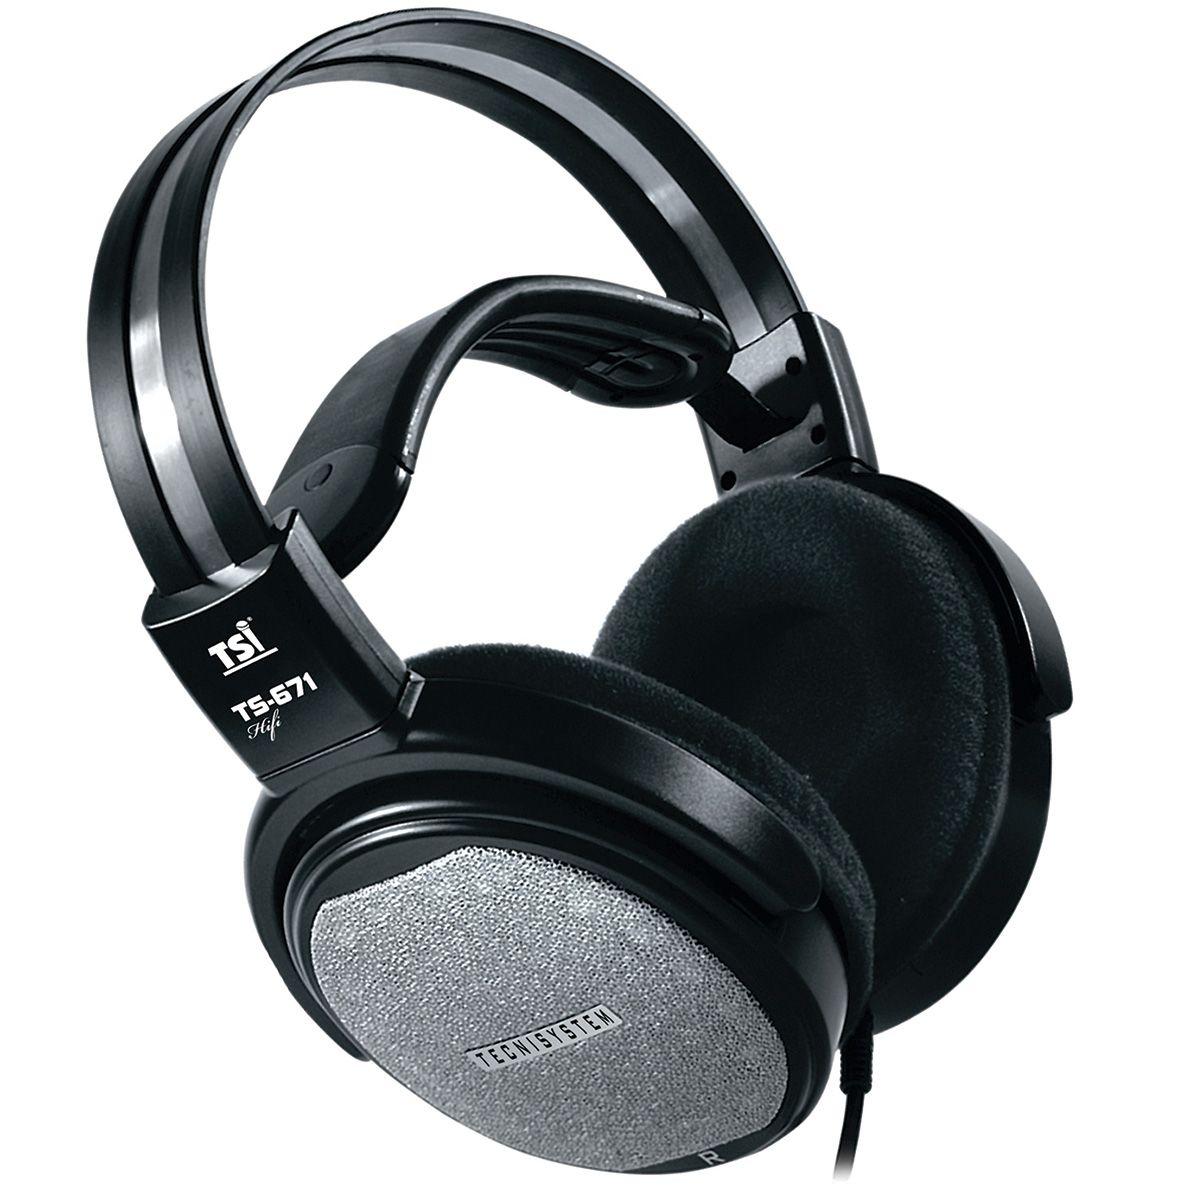 Fone de Ouvido TSI HF671 Over-Ear